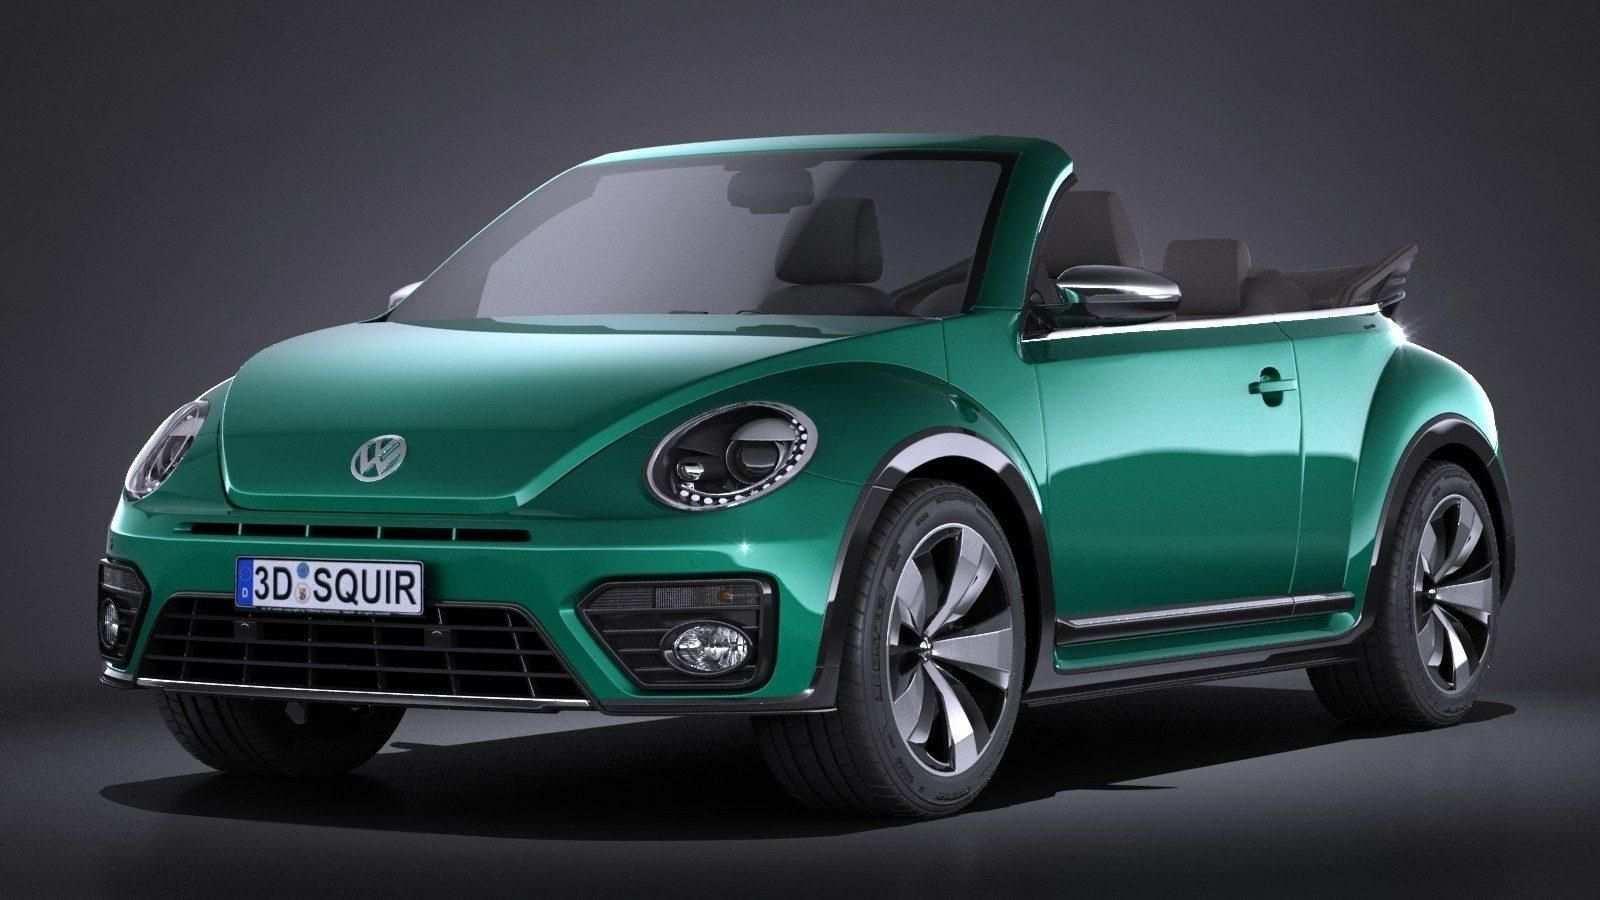 43 Concept of 2019 Volkswagen Bug Pricing with 2019 Volkswagen Bug